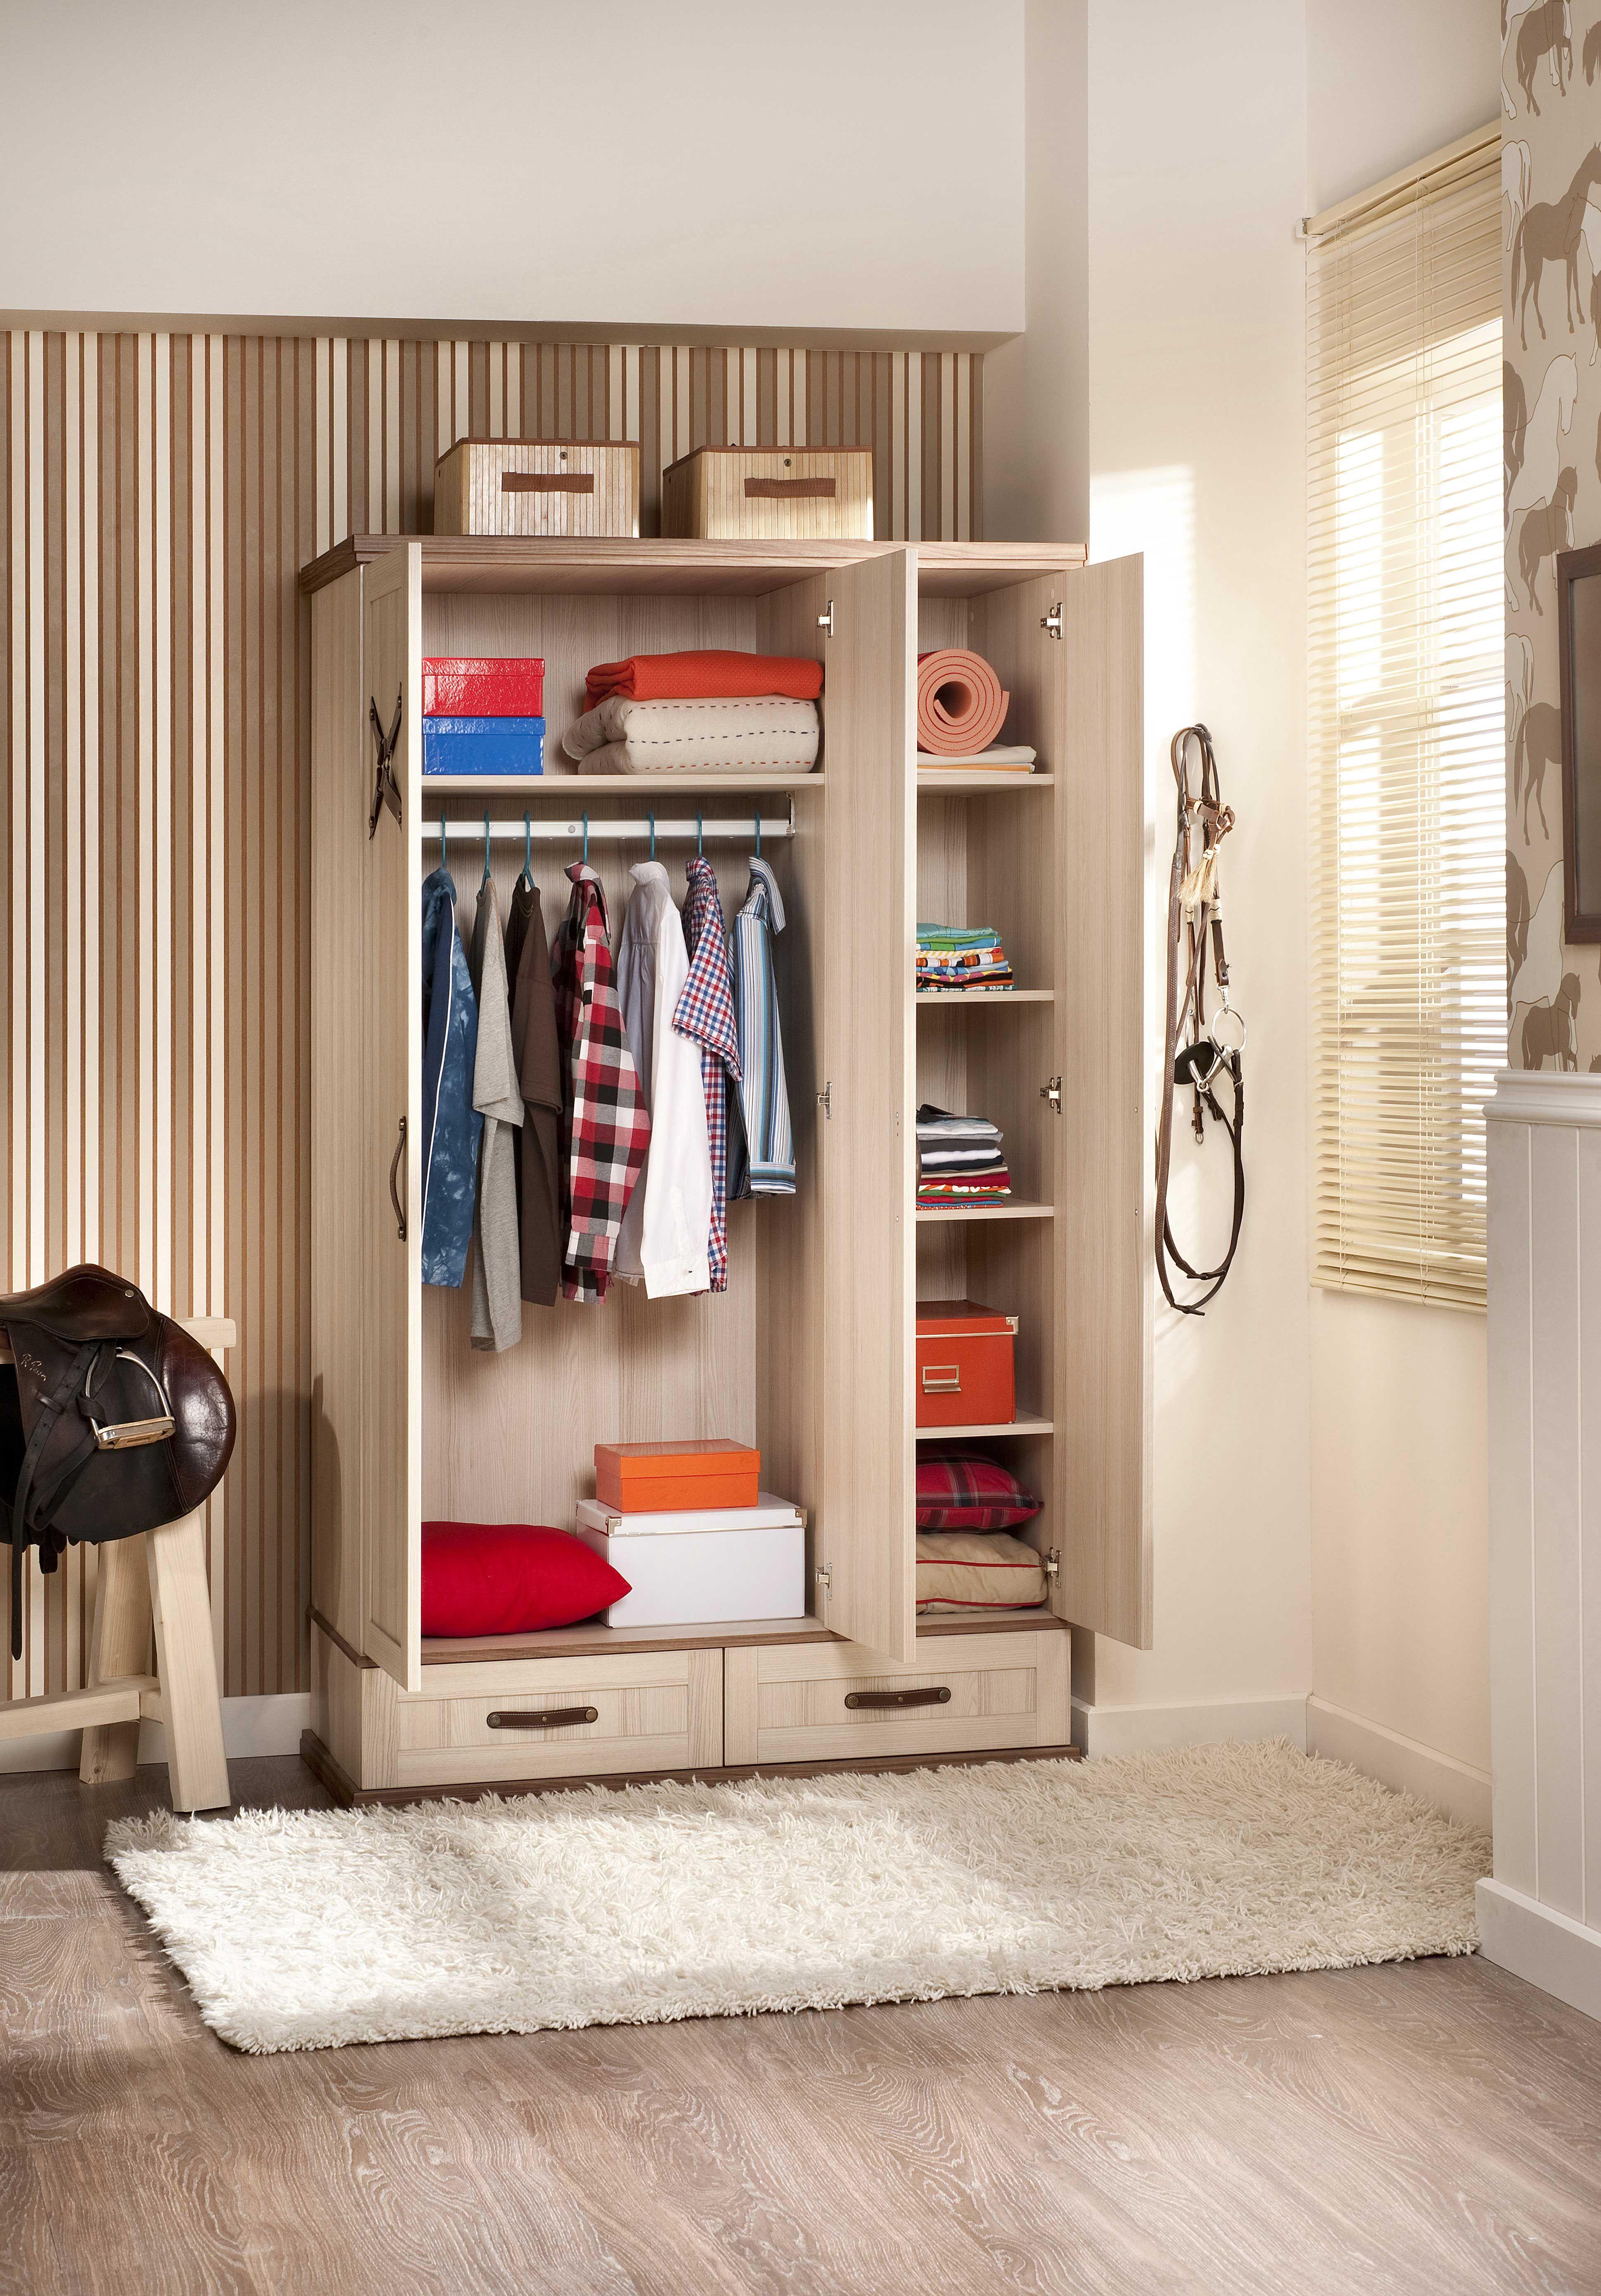 Cool Schöne Kleiderschränke Das Beste Von Room · Cilek Royal Kleiderschrank Der Schöne